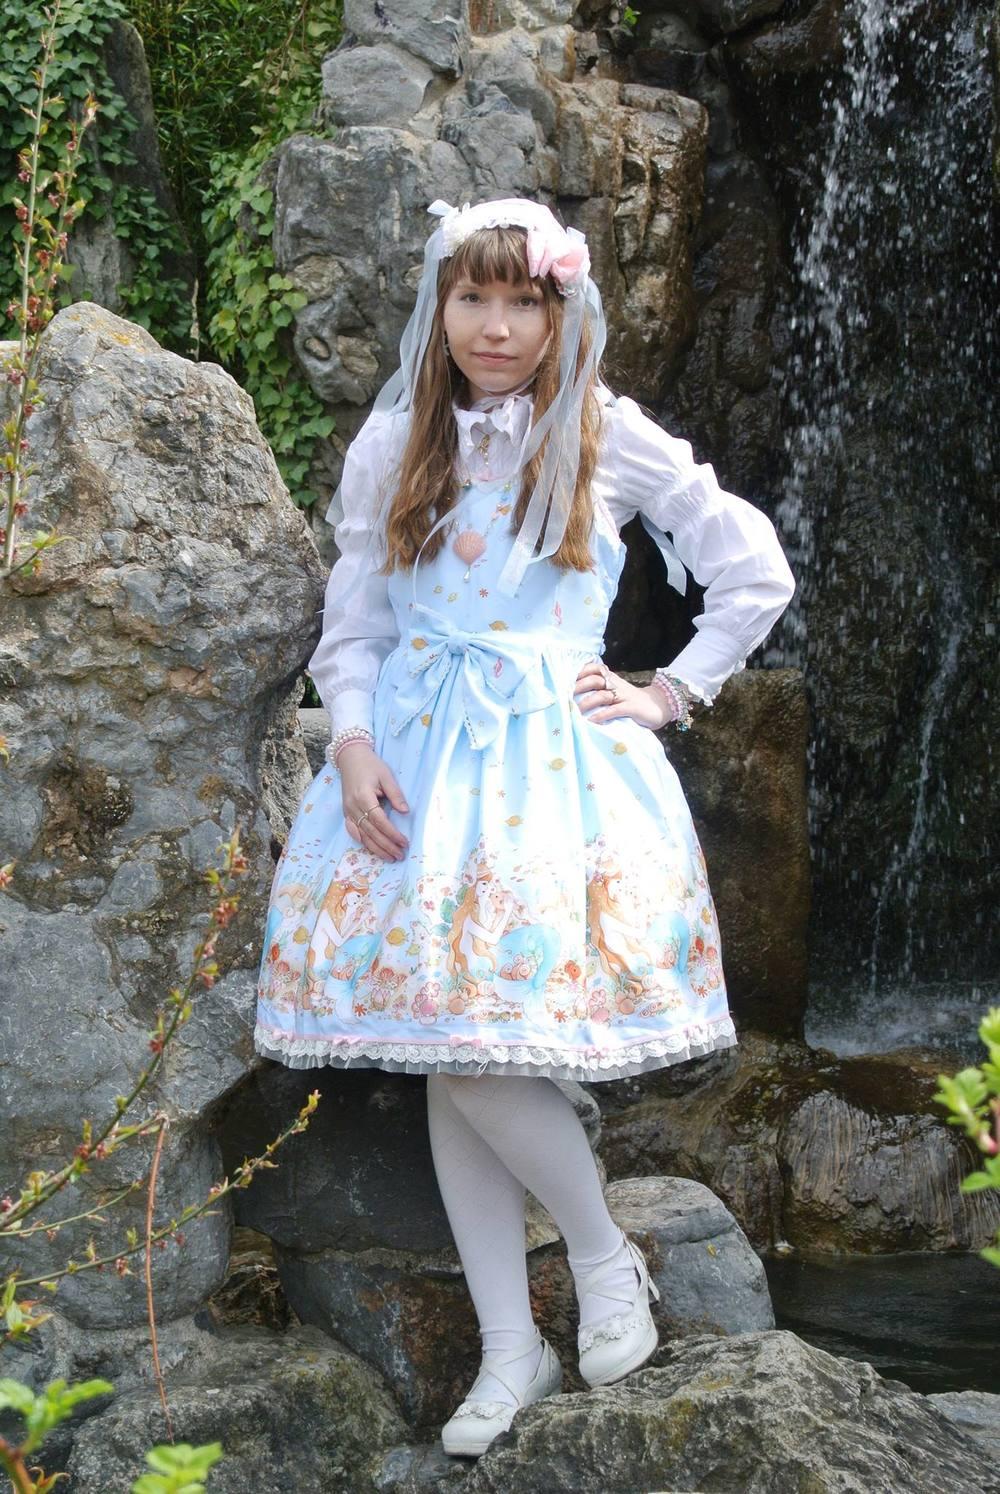 Model: Daniela Tafel